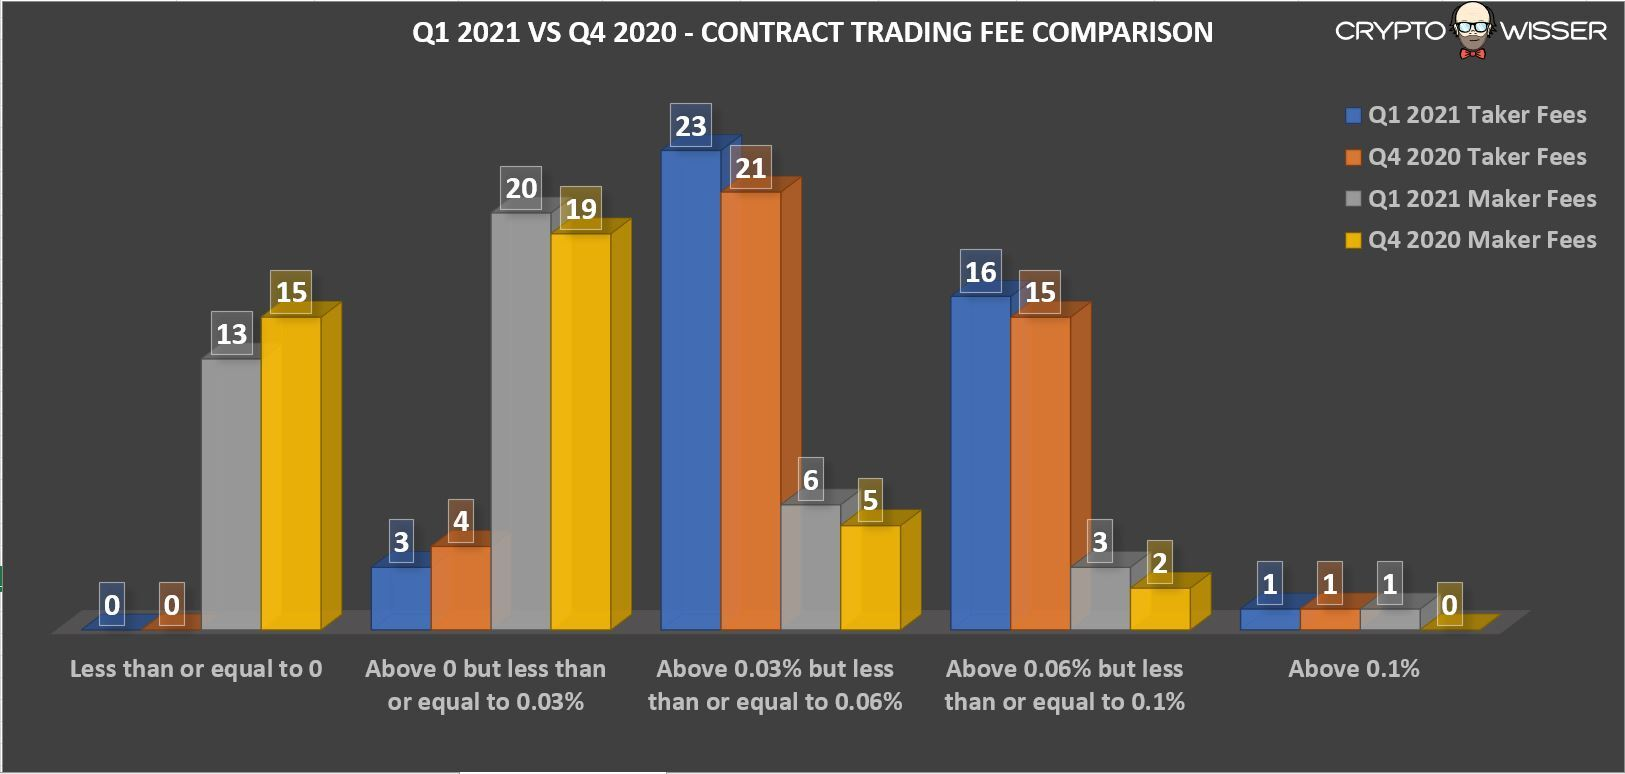 Q1 2021 Contract Trading Fee Comparison